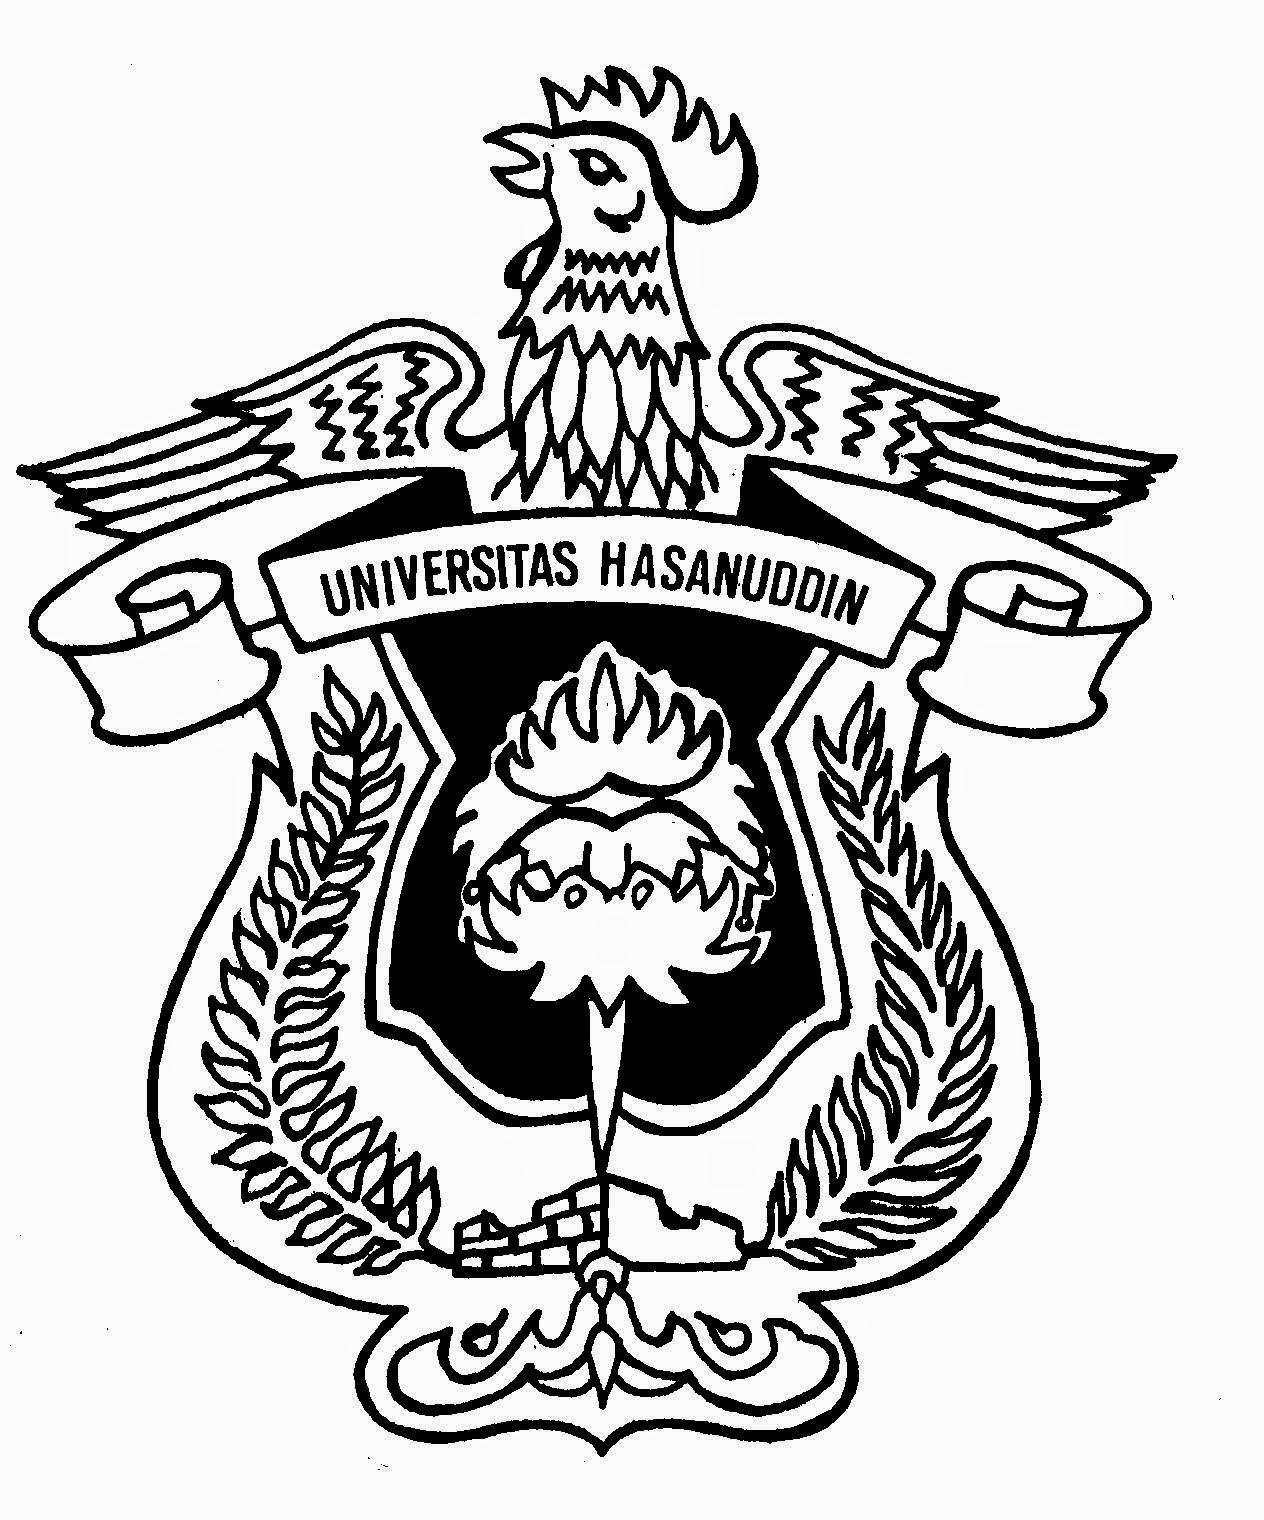 Menambahkan Logo Ayam Unhas Halaman Web Krs Khs Gambar